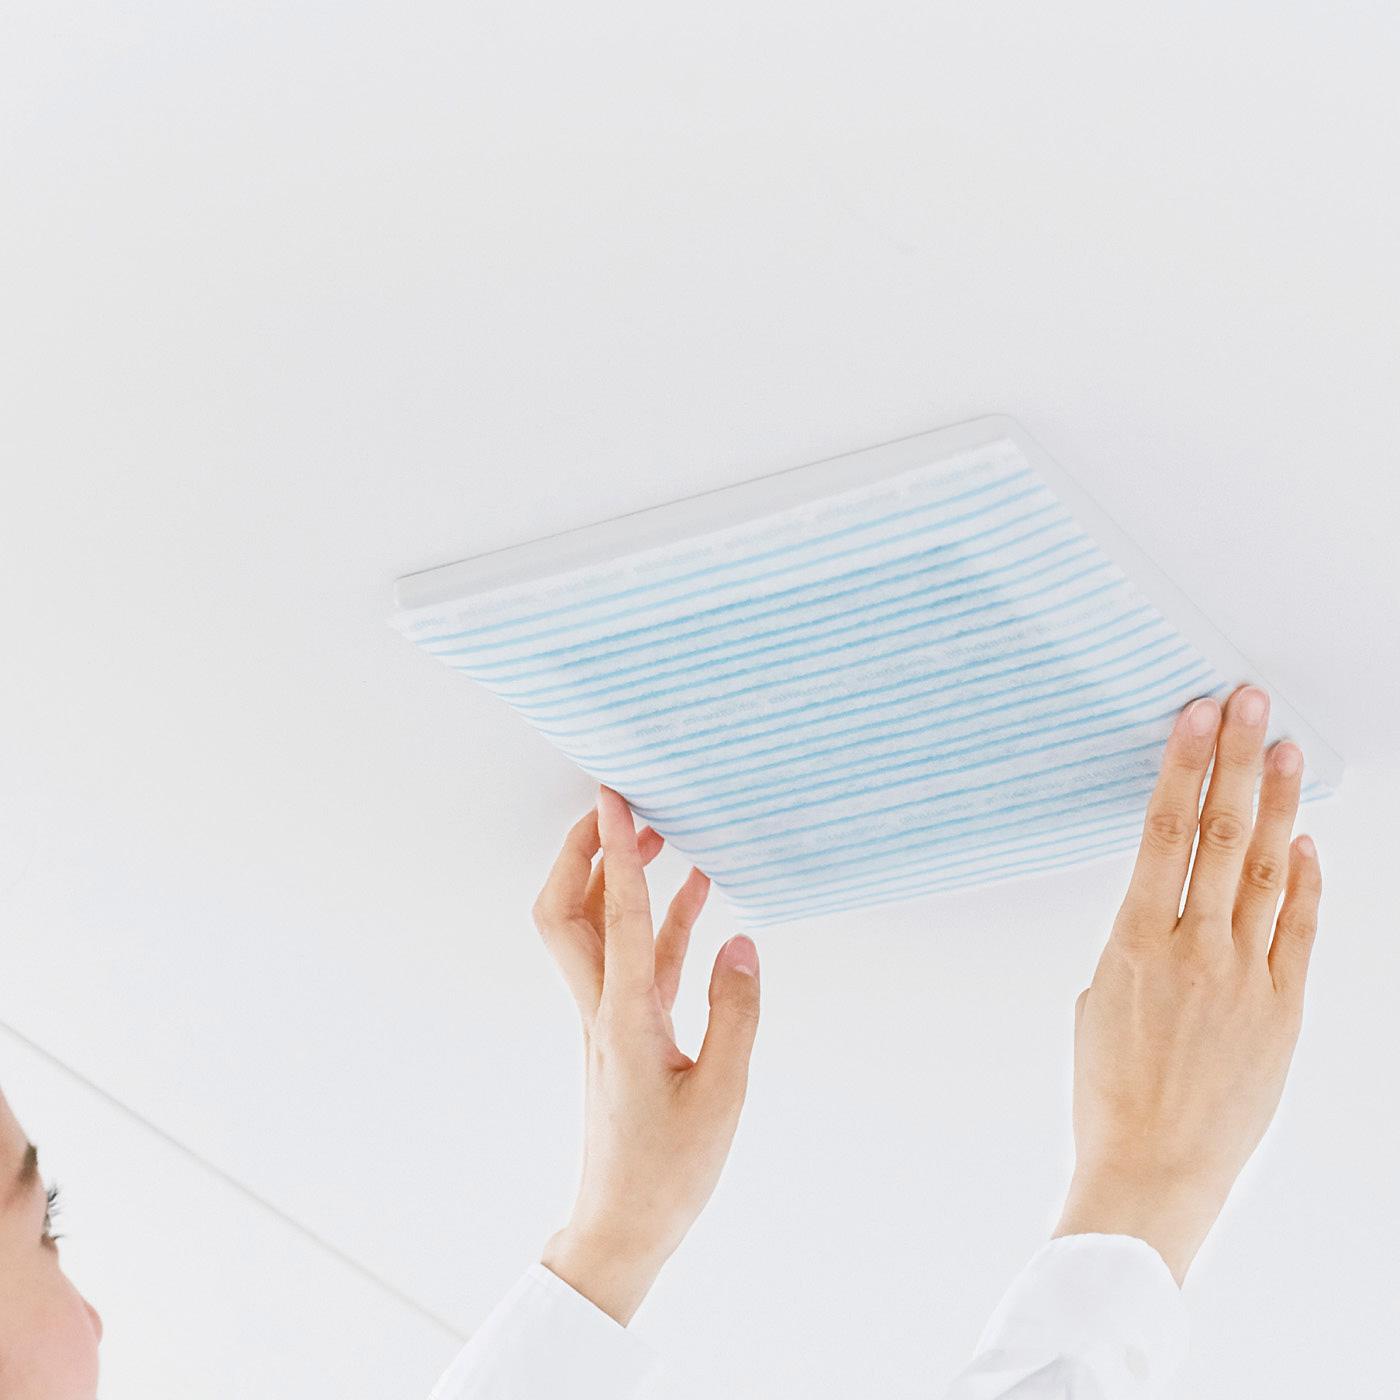 フェリシモ 細かいほこりもキャッチ 貼ればお掃除いらずな換気扇フィルターの会